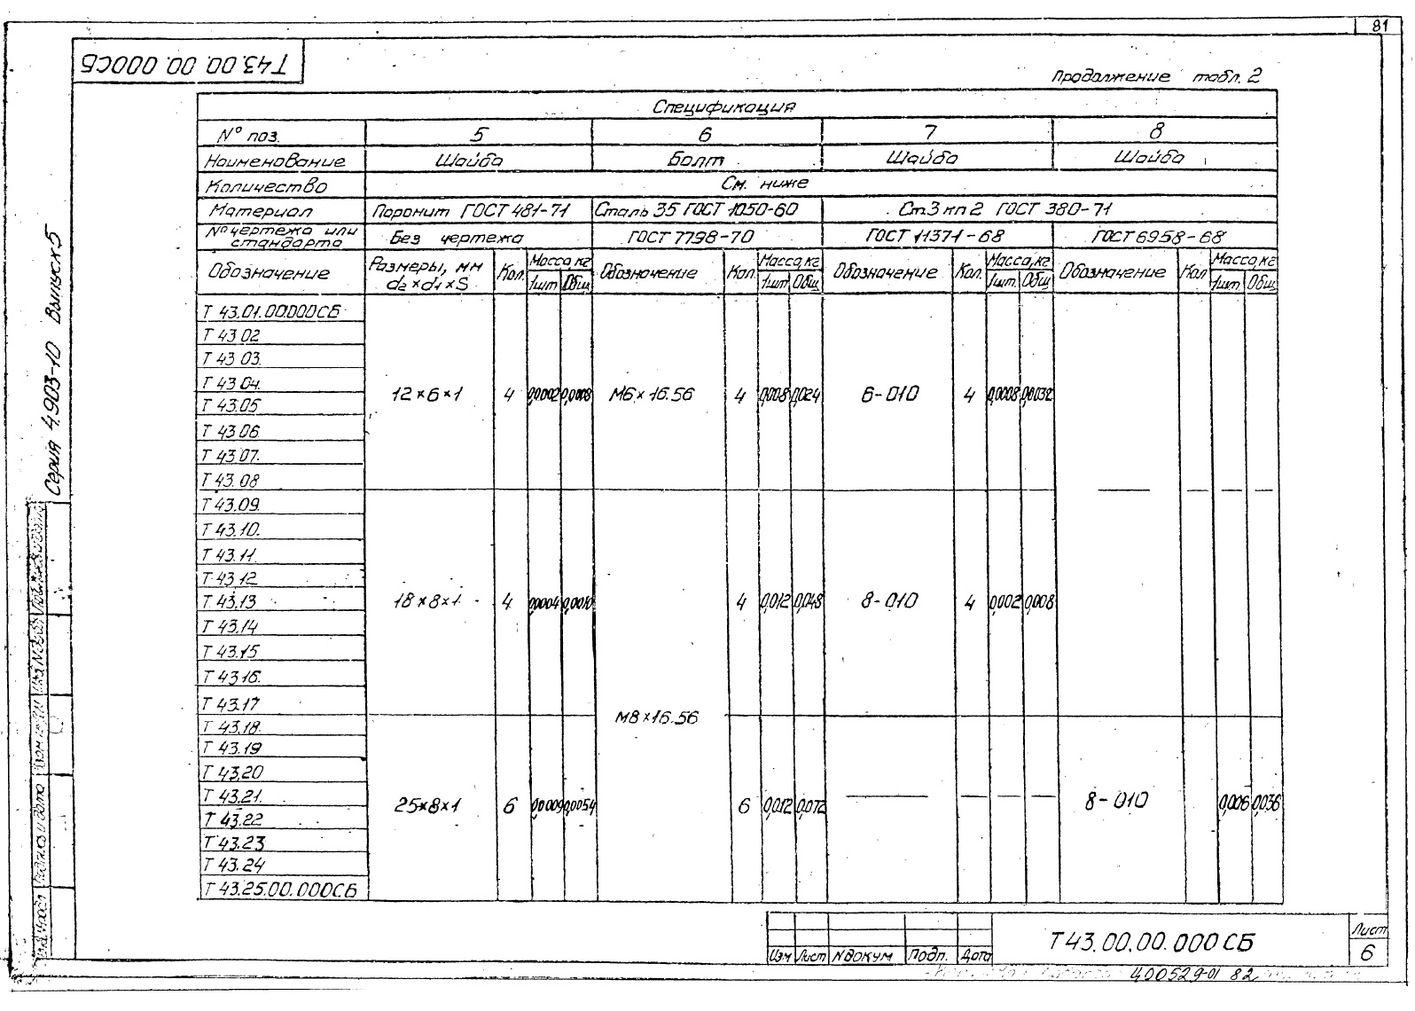 Плиты опорные с диэлектрической прокладкой Т43 серия 4.903-10 вып.5 стр.6